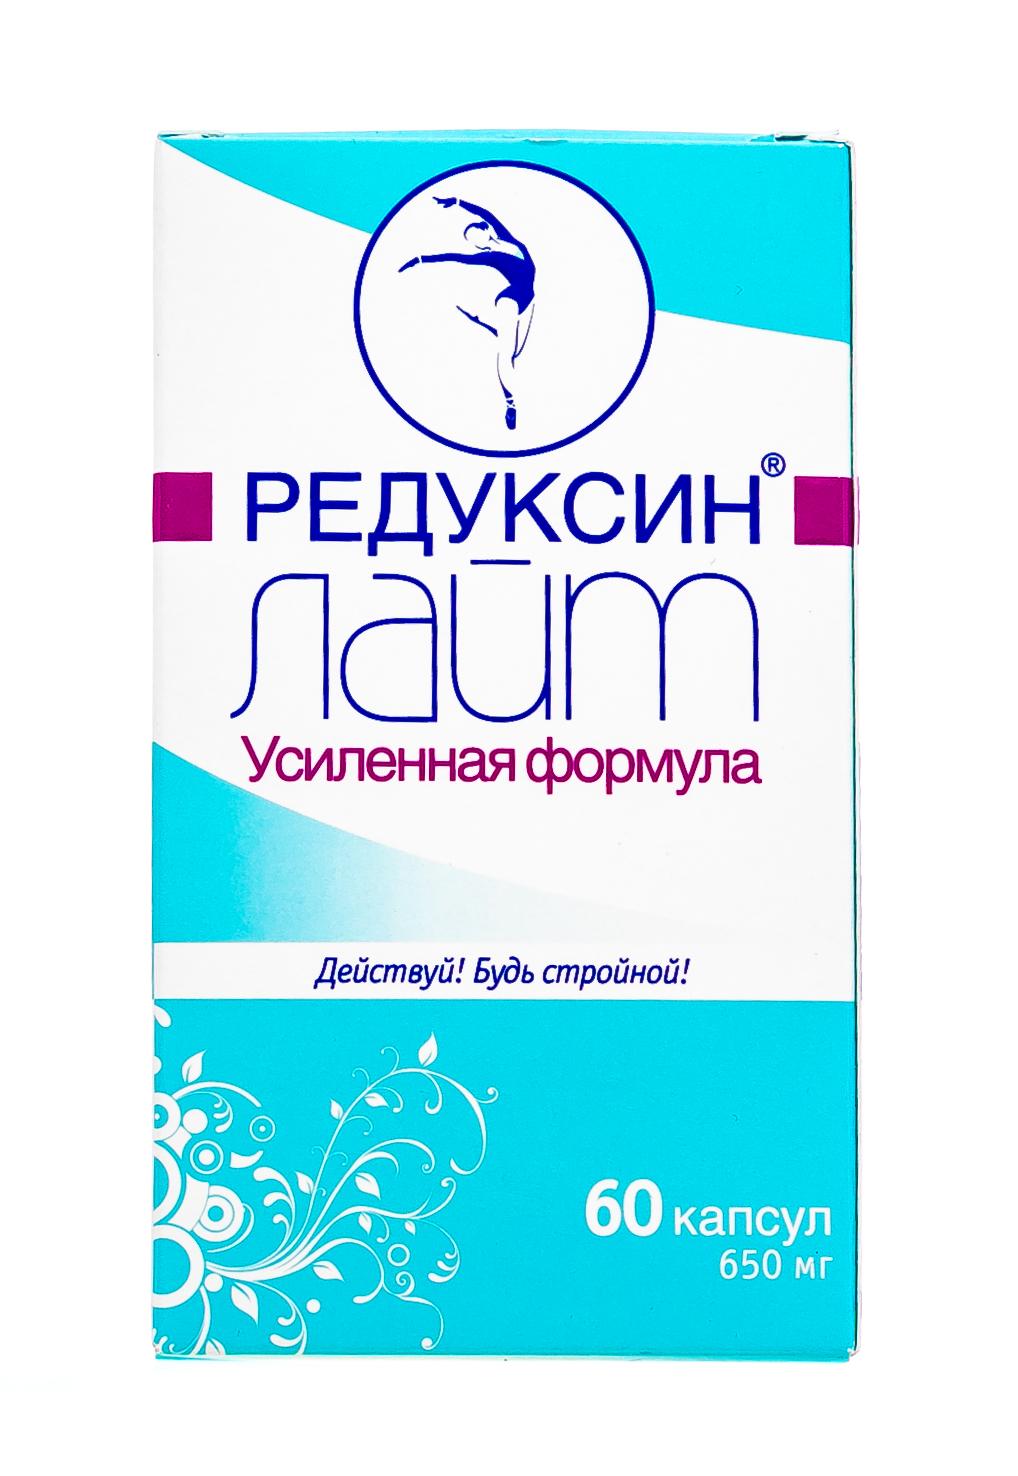 Редуксин-лайт Редуксин-Лайт Усиленная Формула капсулы 650 мг №60 (Редуксин-лайт, Витамины)